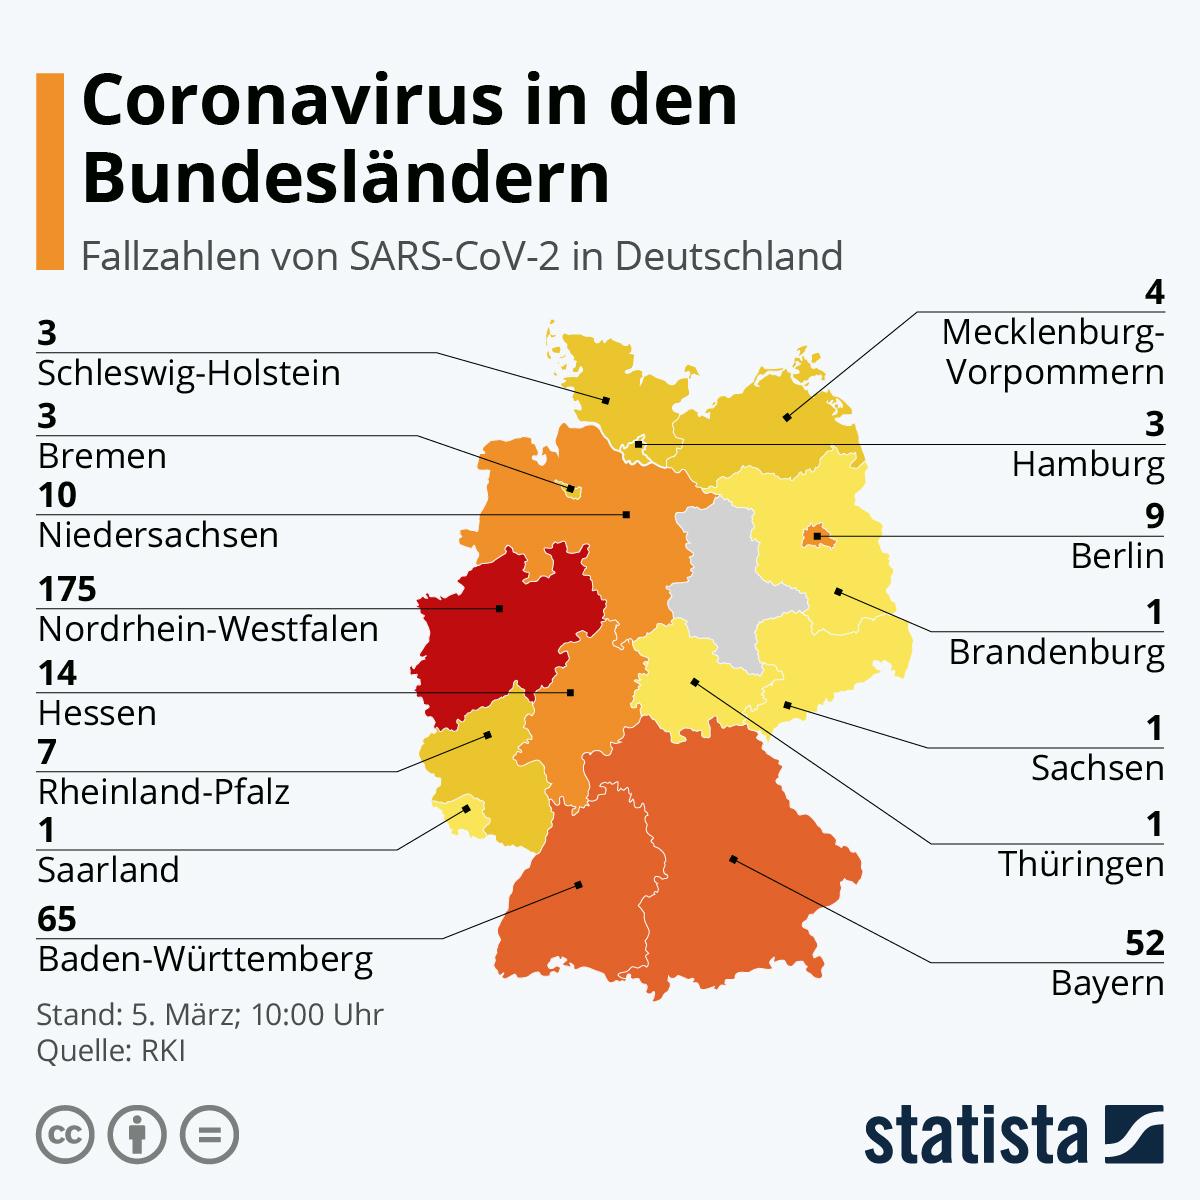 Statistik SARS-CoV-2